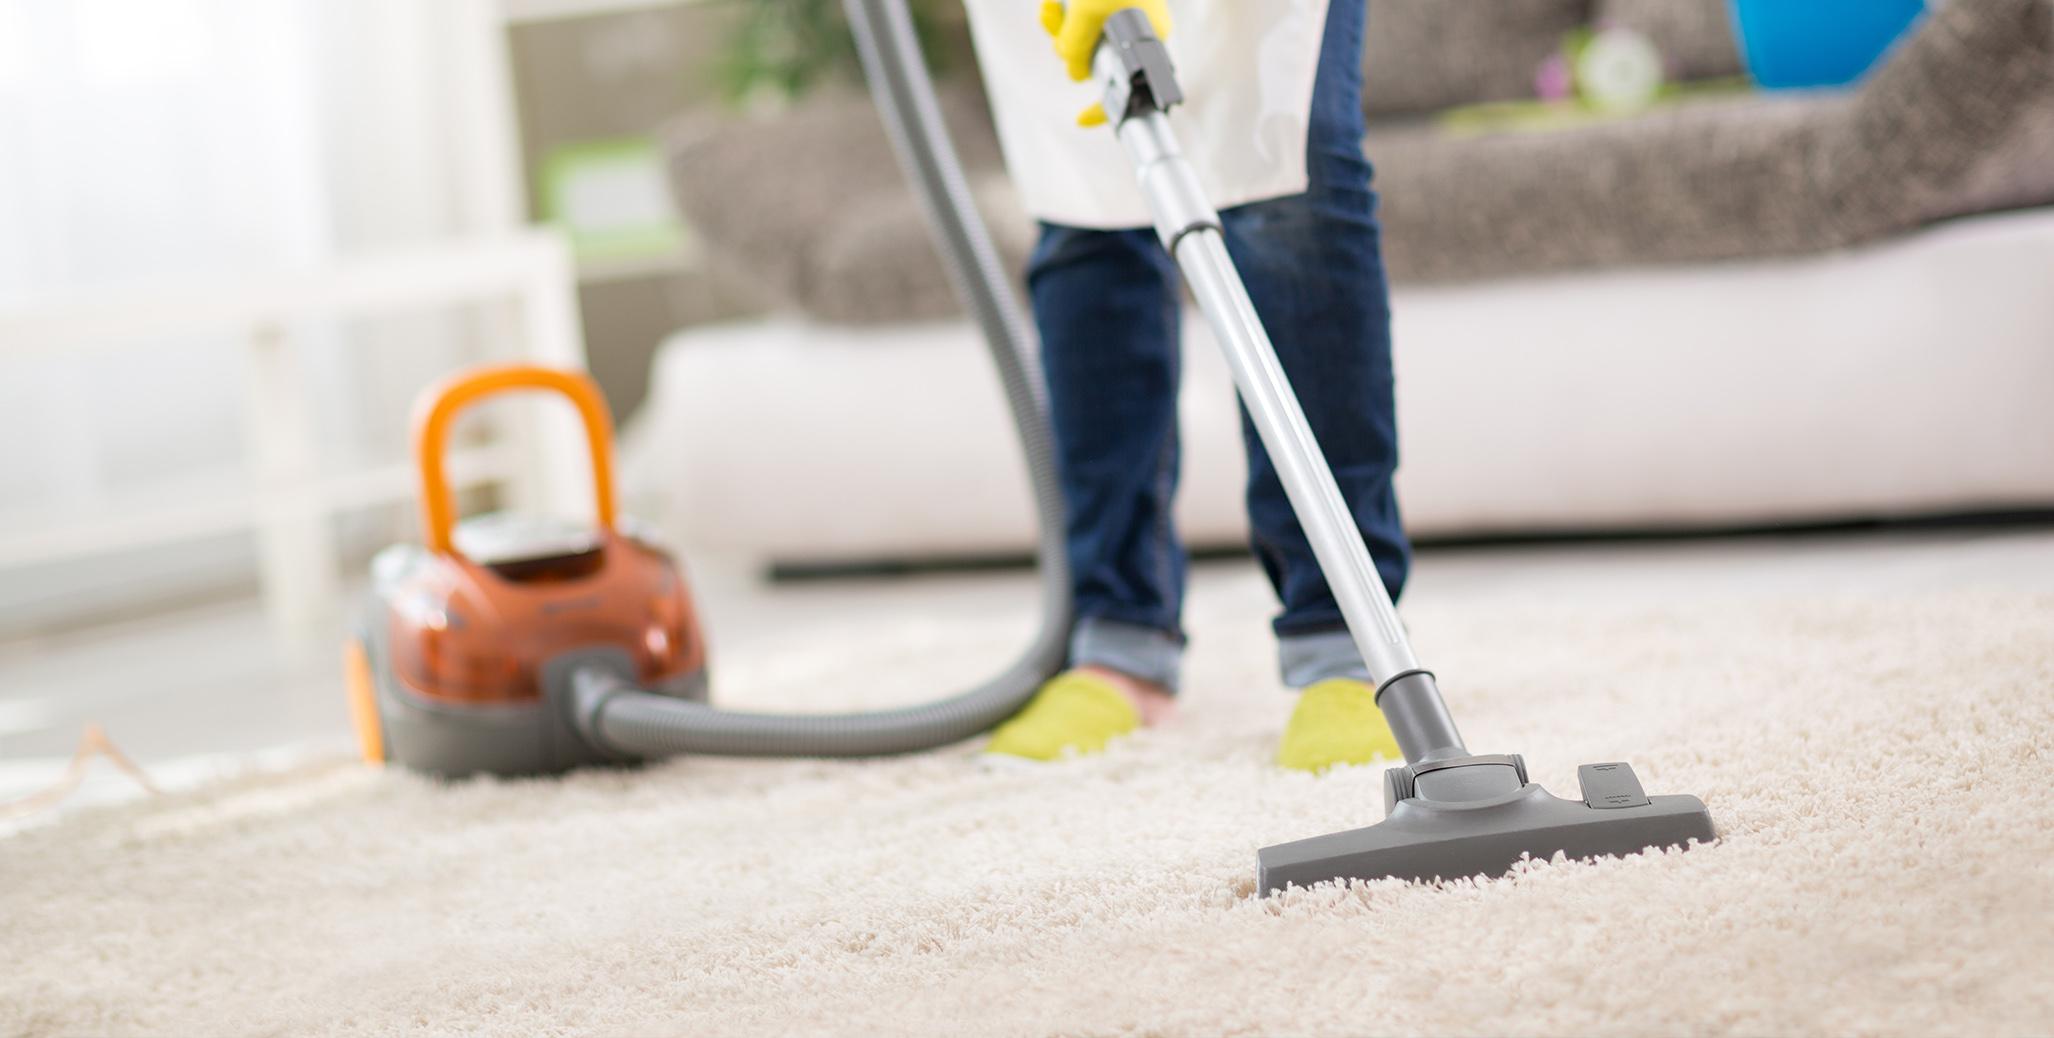 Tarifas casapunto agencia de servicio dom stico Alta trabajador servicio domestico